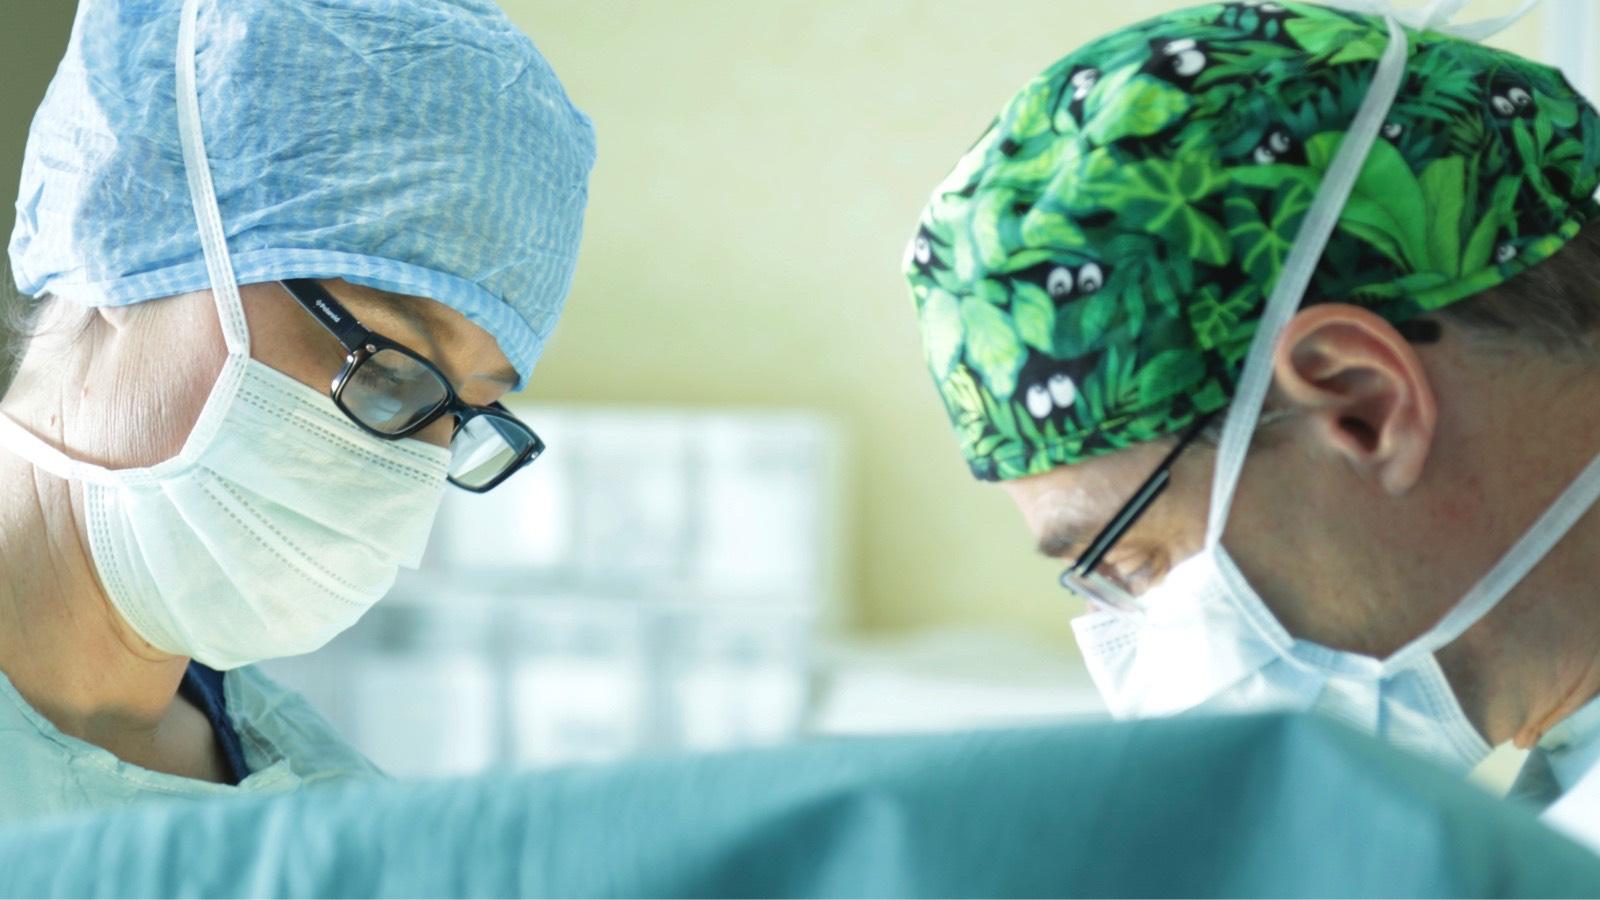 vorhautverengung bei erwachsenen operation